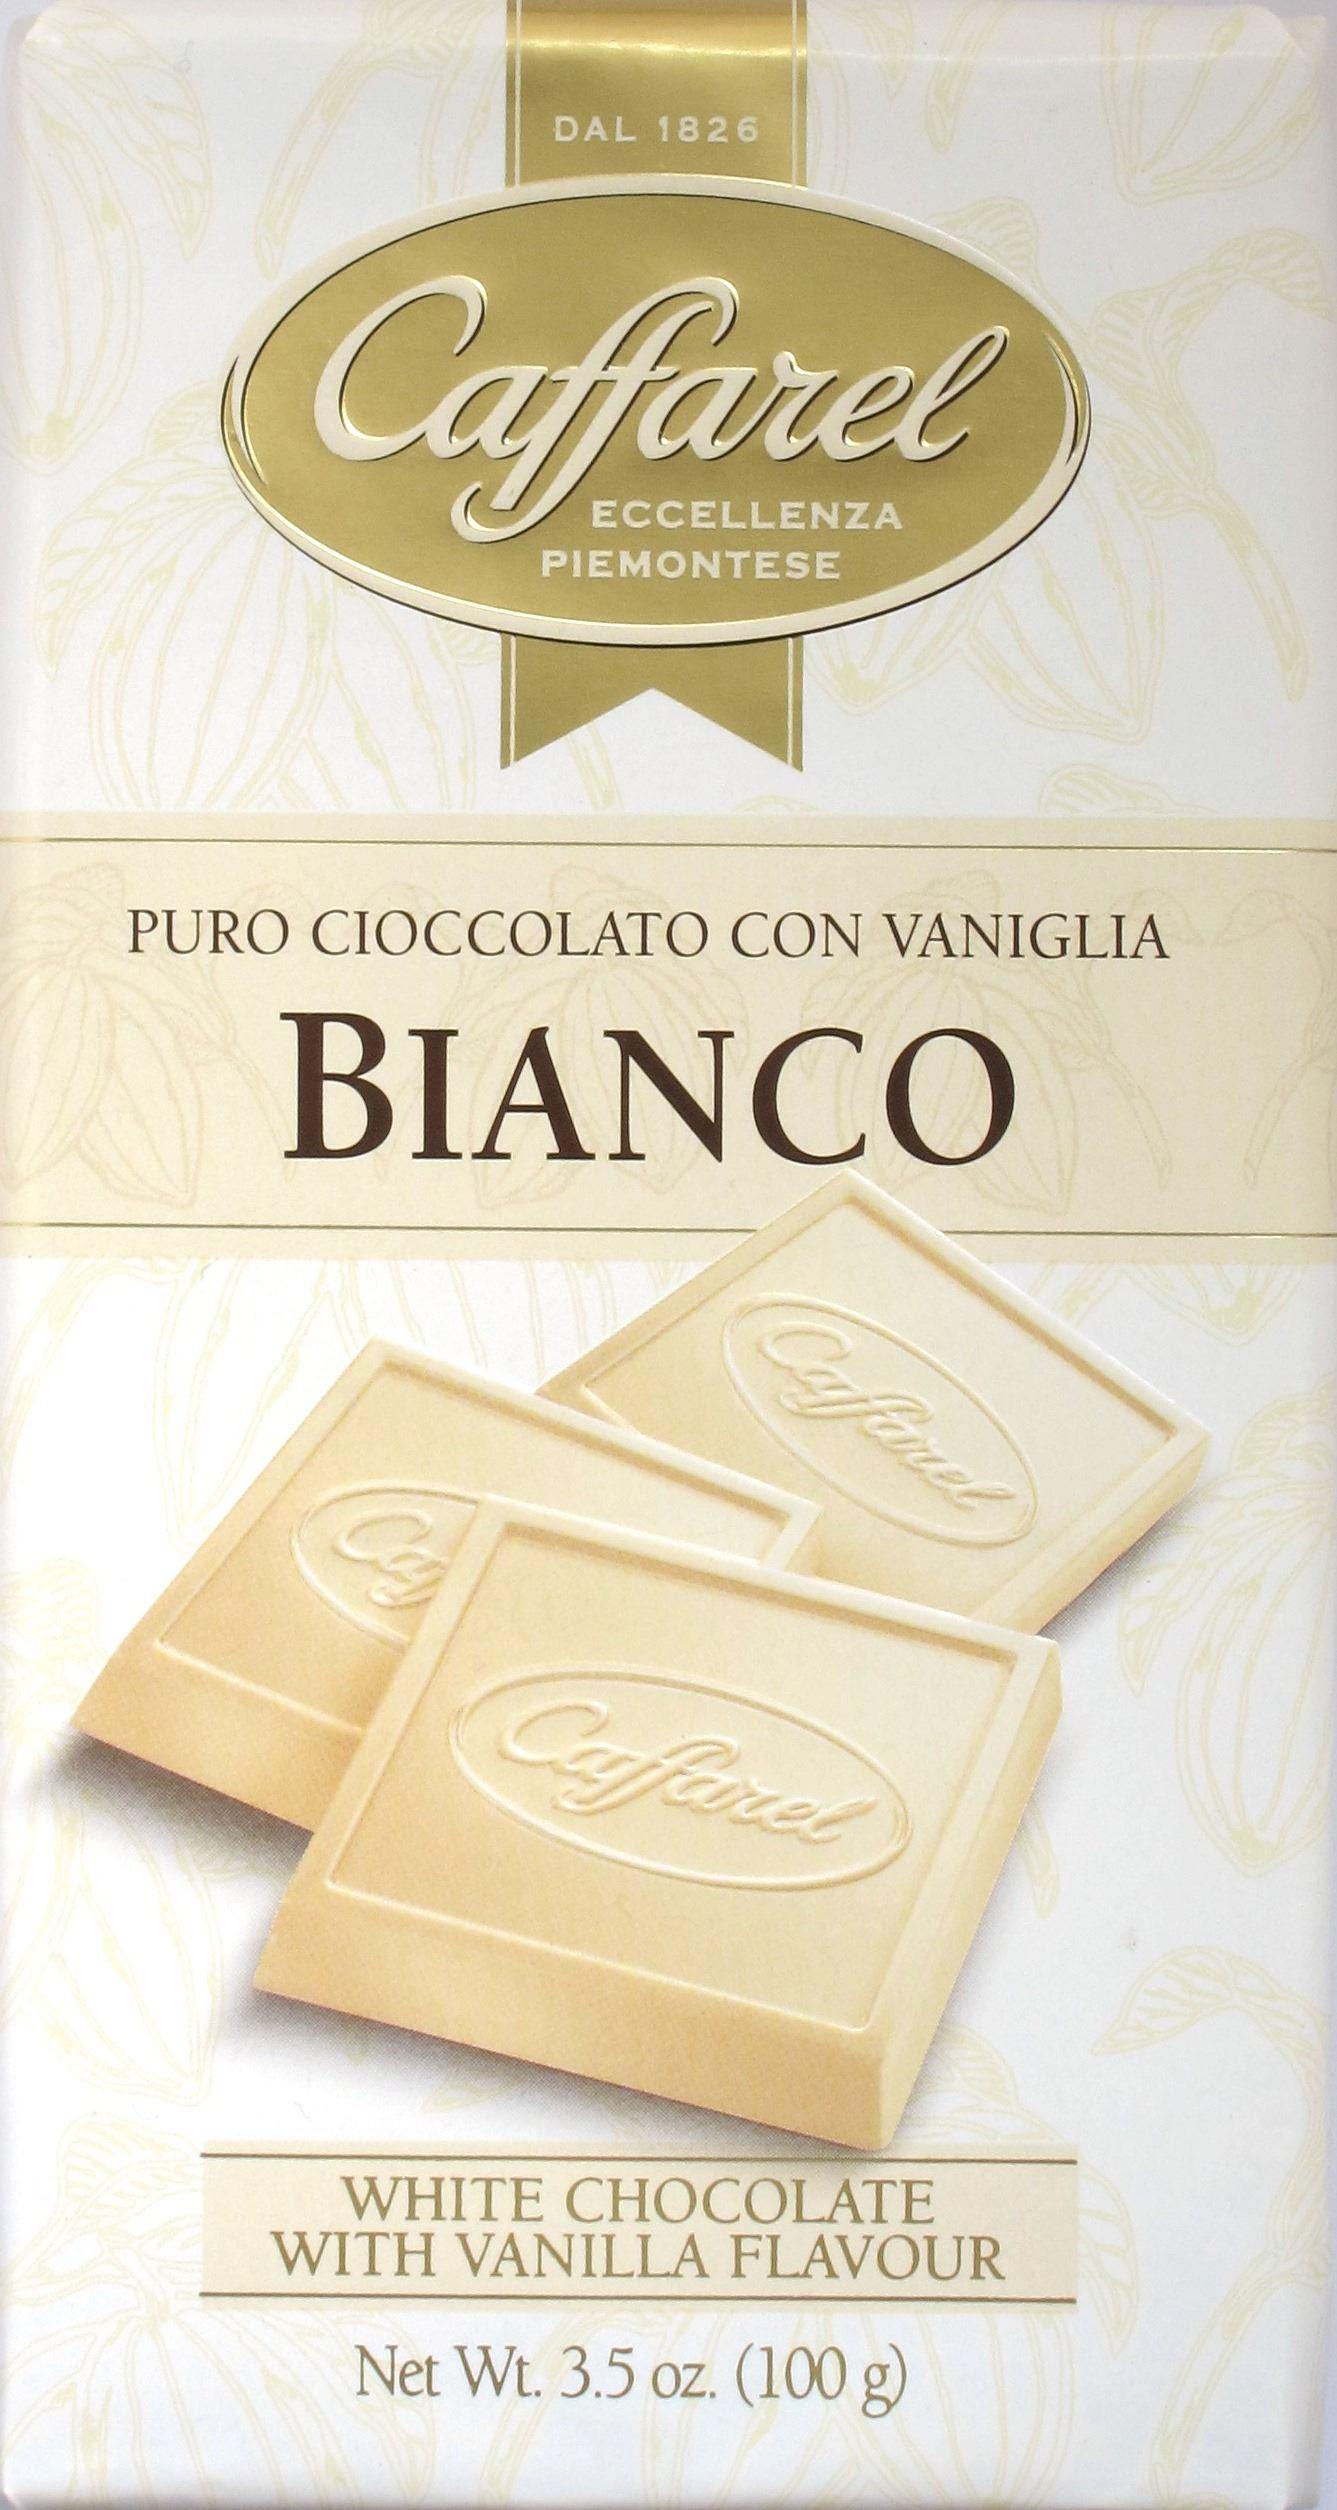 Caffarel Weiße Schokolade (Cover)